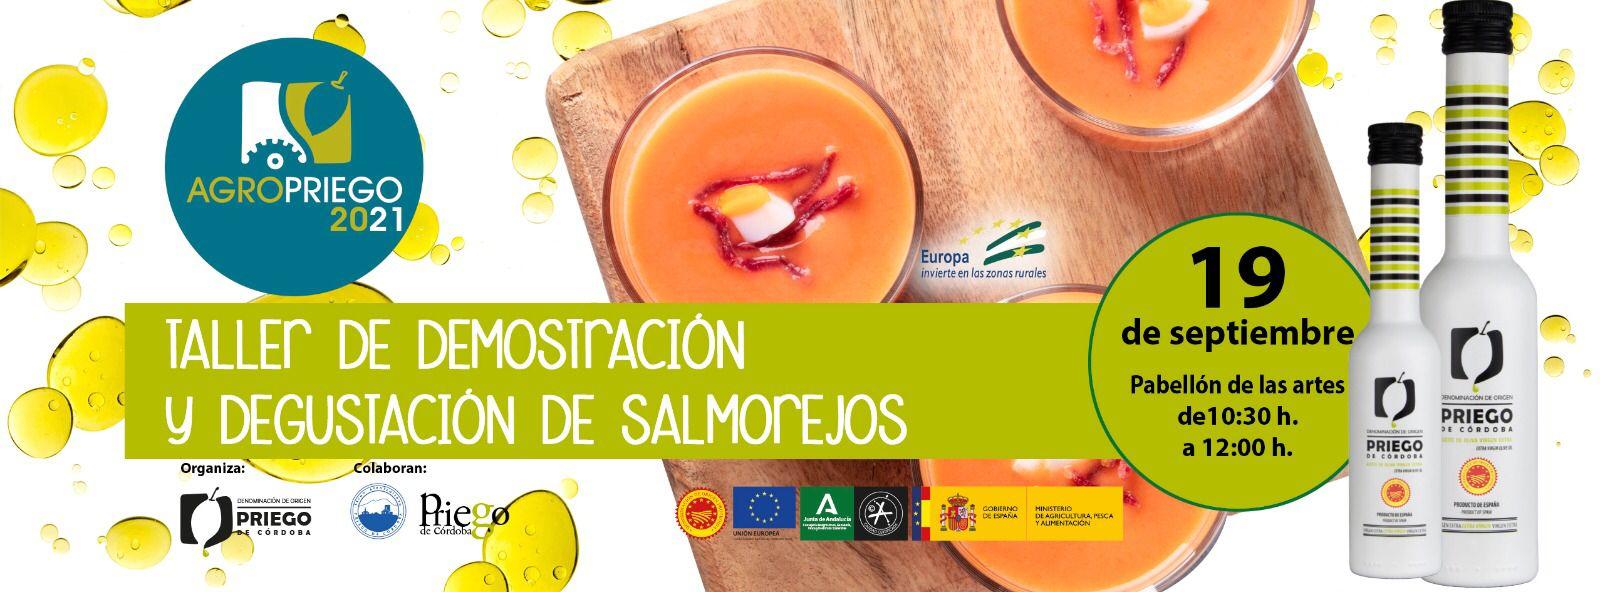 Taller de Demostración y Degustación Salmorejos DOP Priego de Córdoba